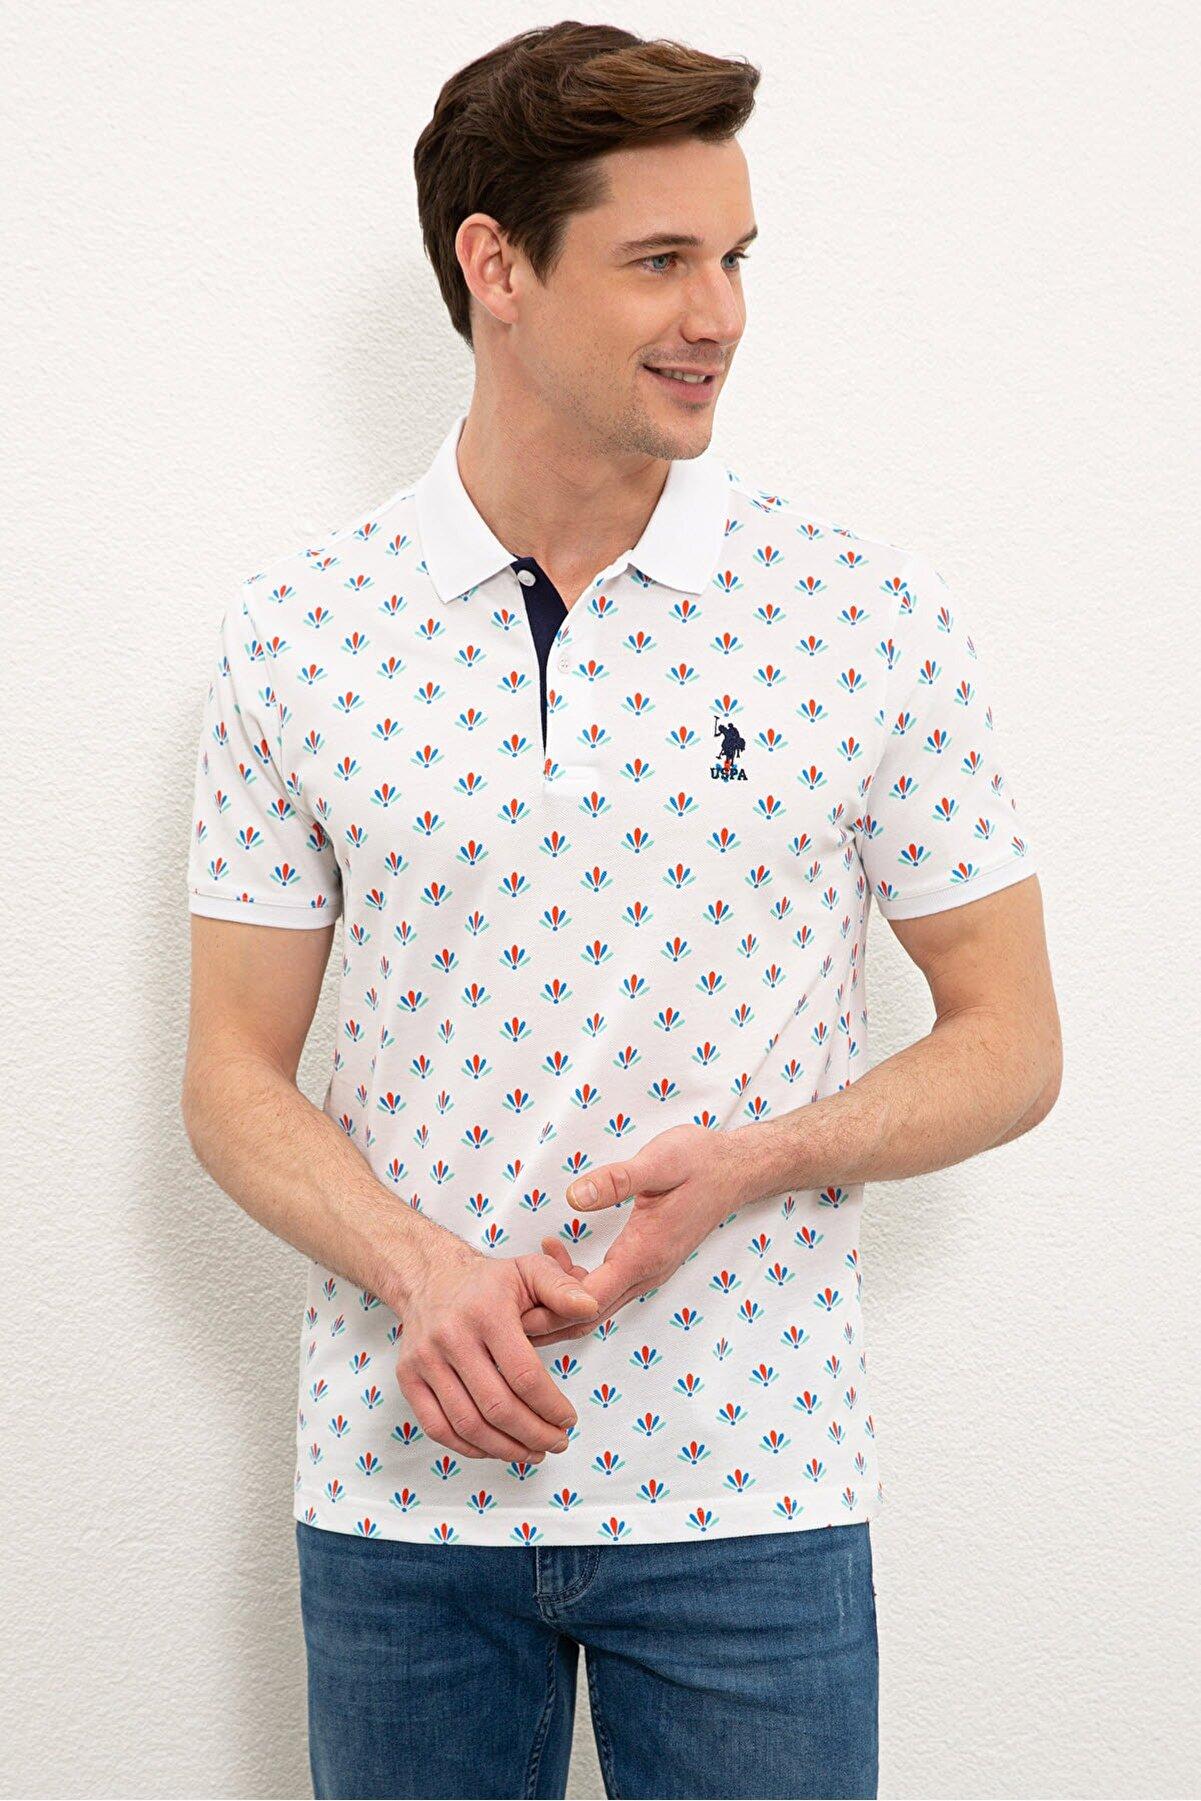 US Polo Assn Beyaz Erkek T-Shirt G081SZ011.000.980078